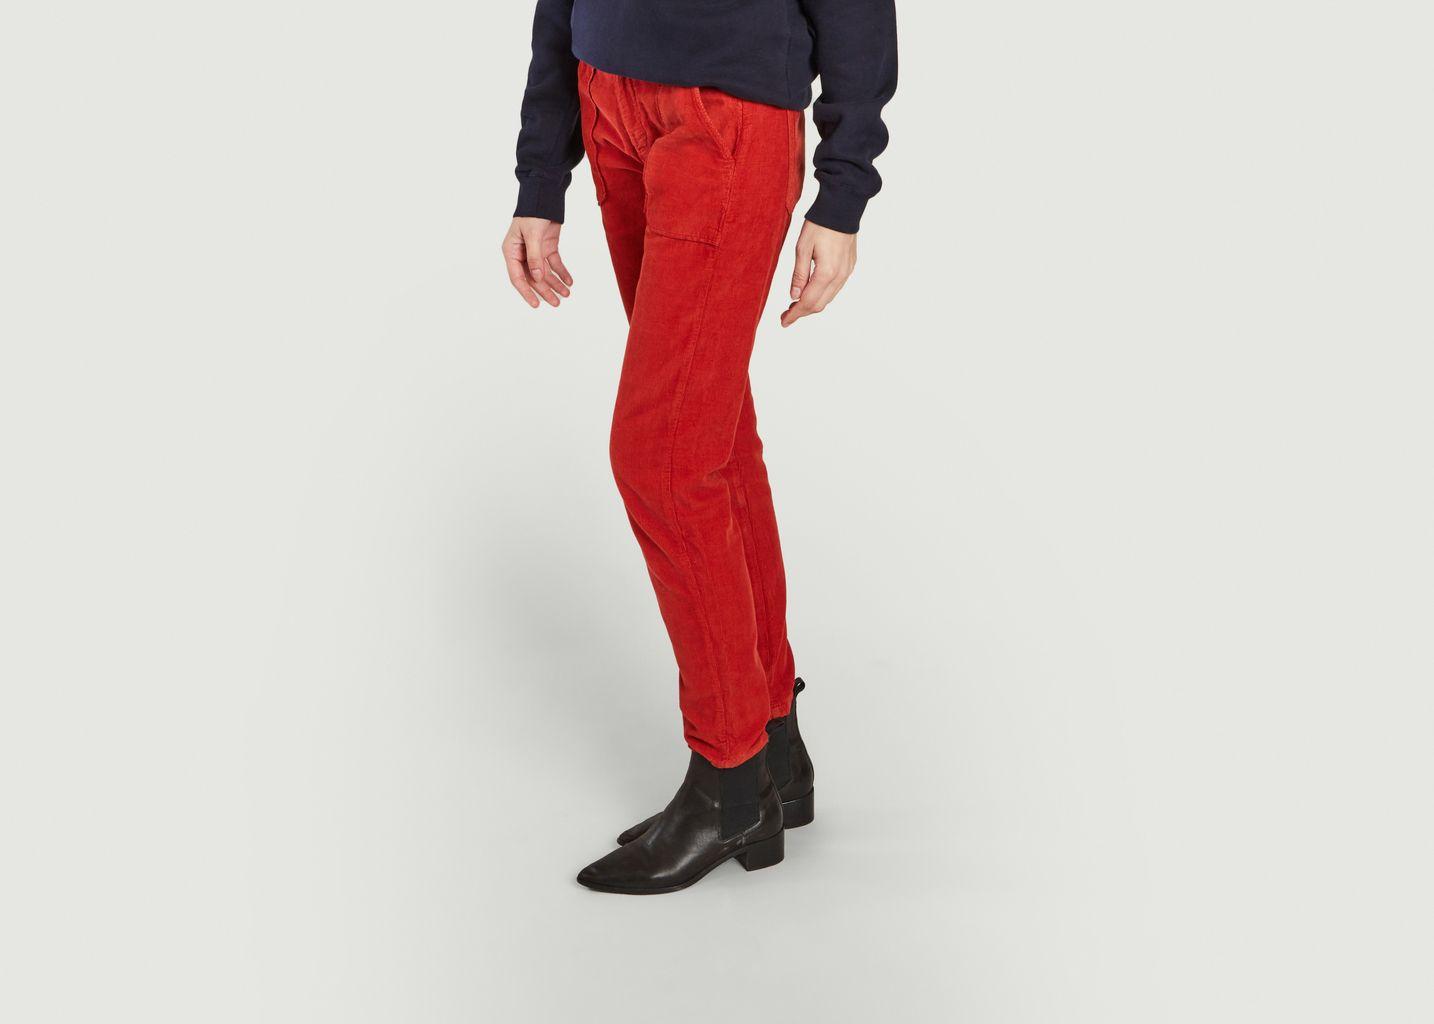 Pantalon sandrine  - Reiko